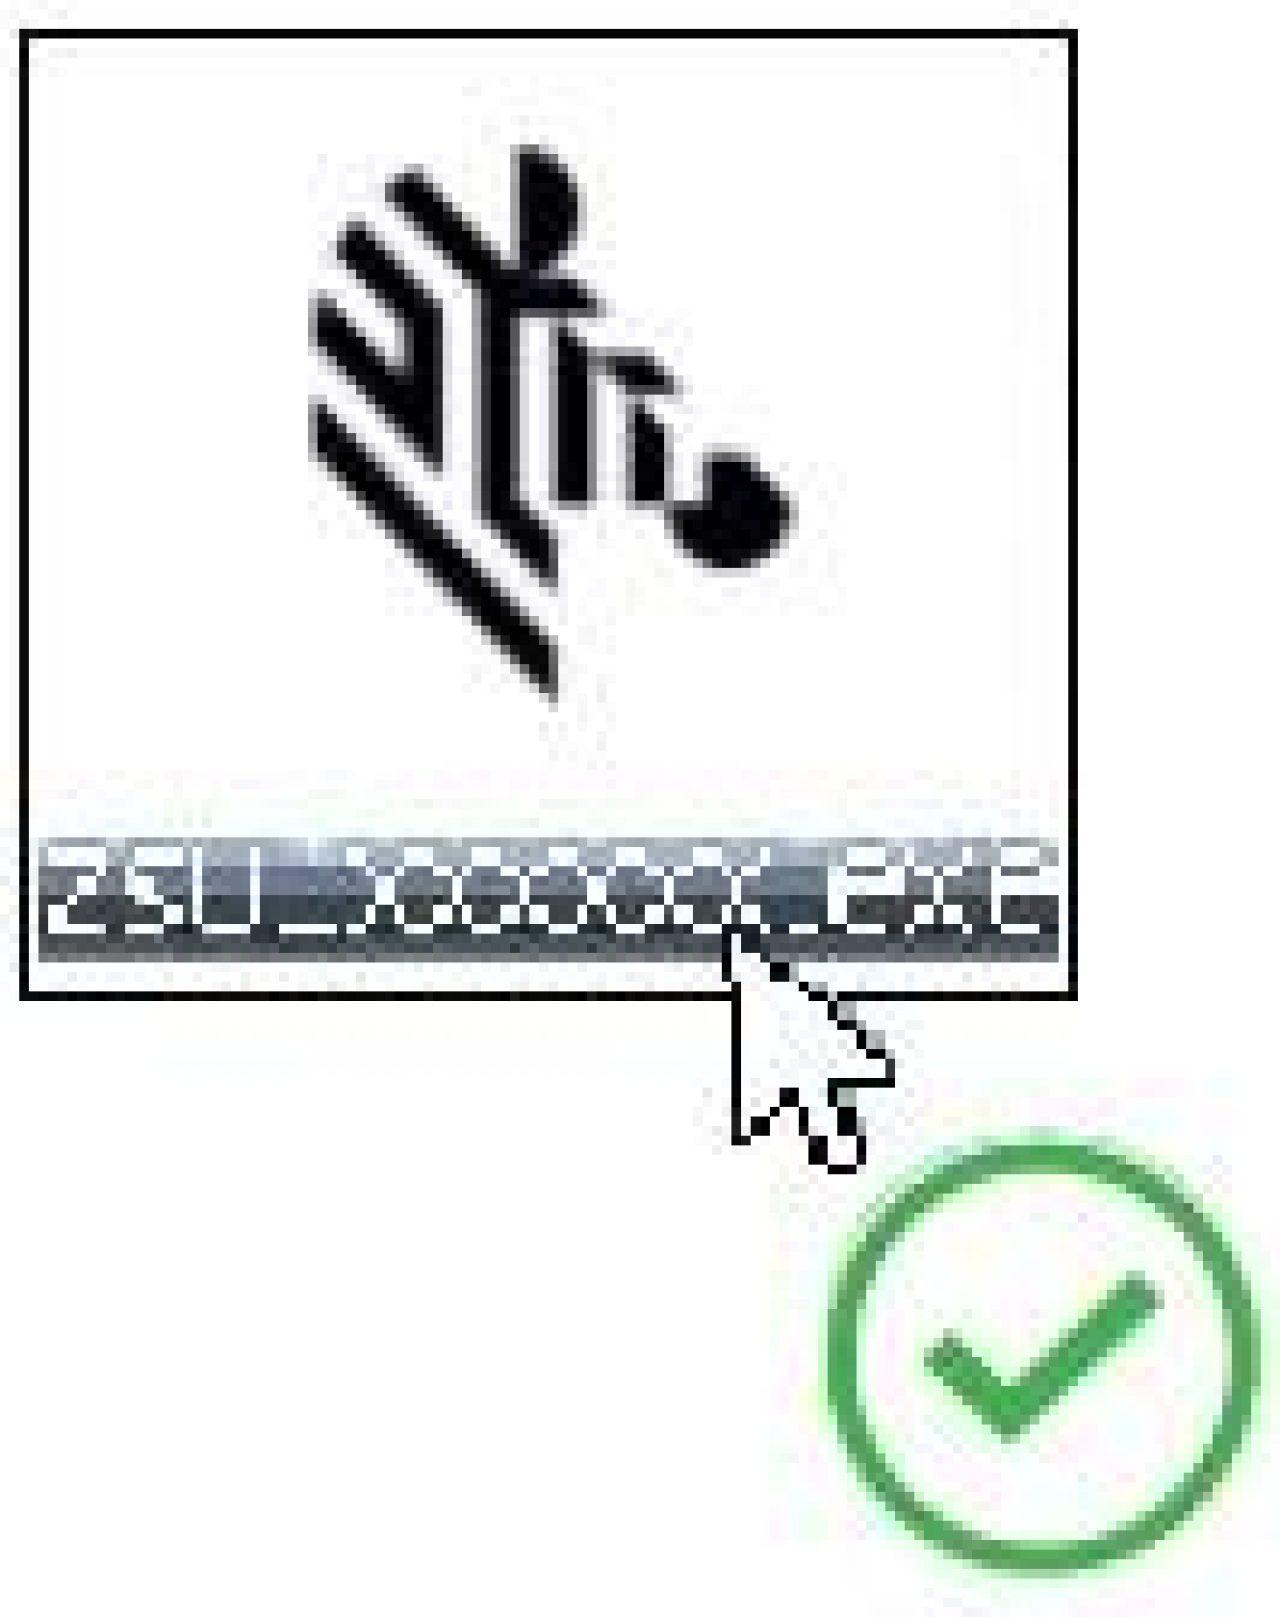 Zebra Setup Utilities tiro tela de arquivo executável